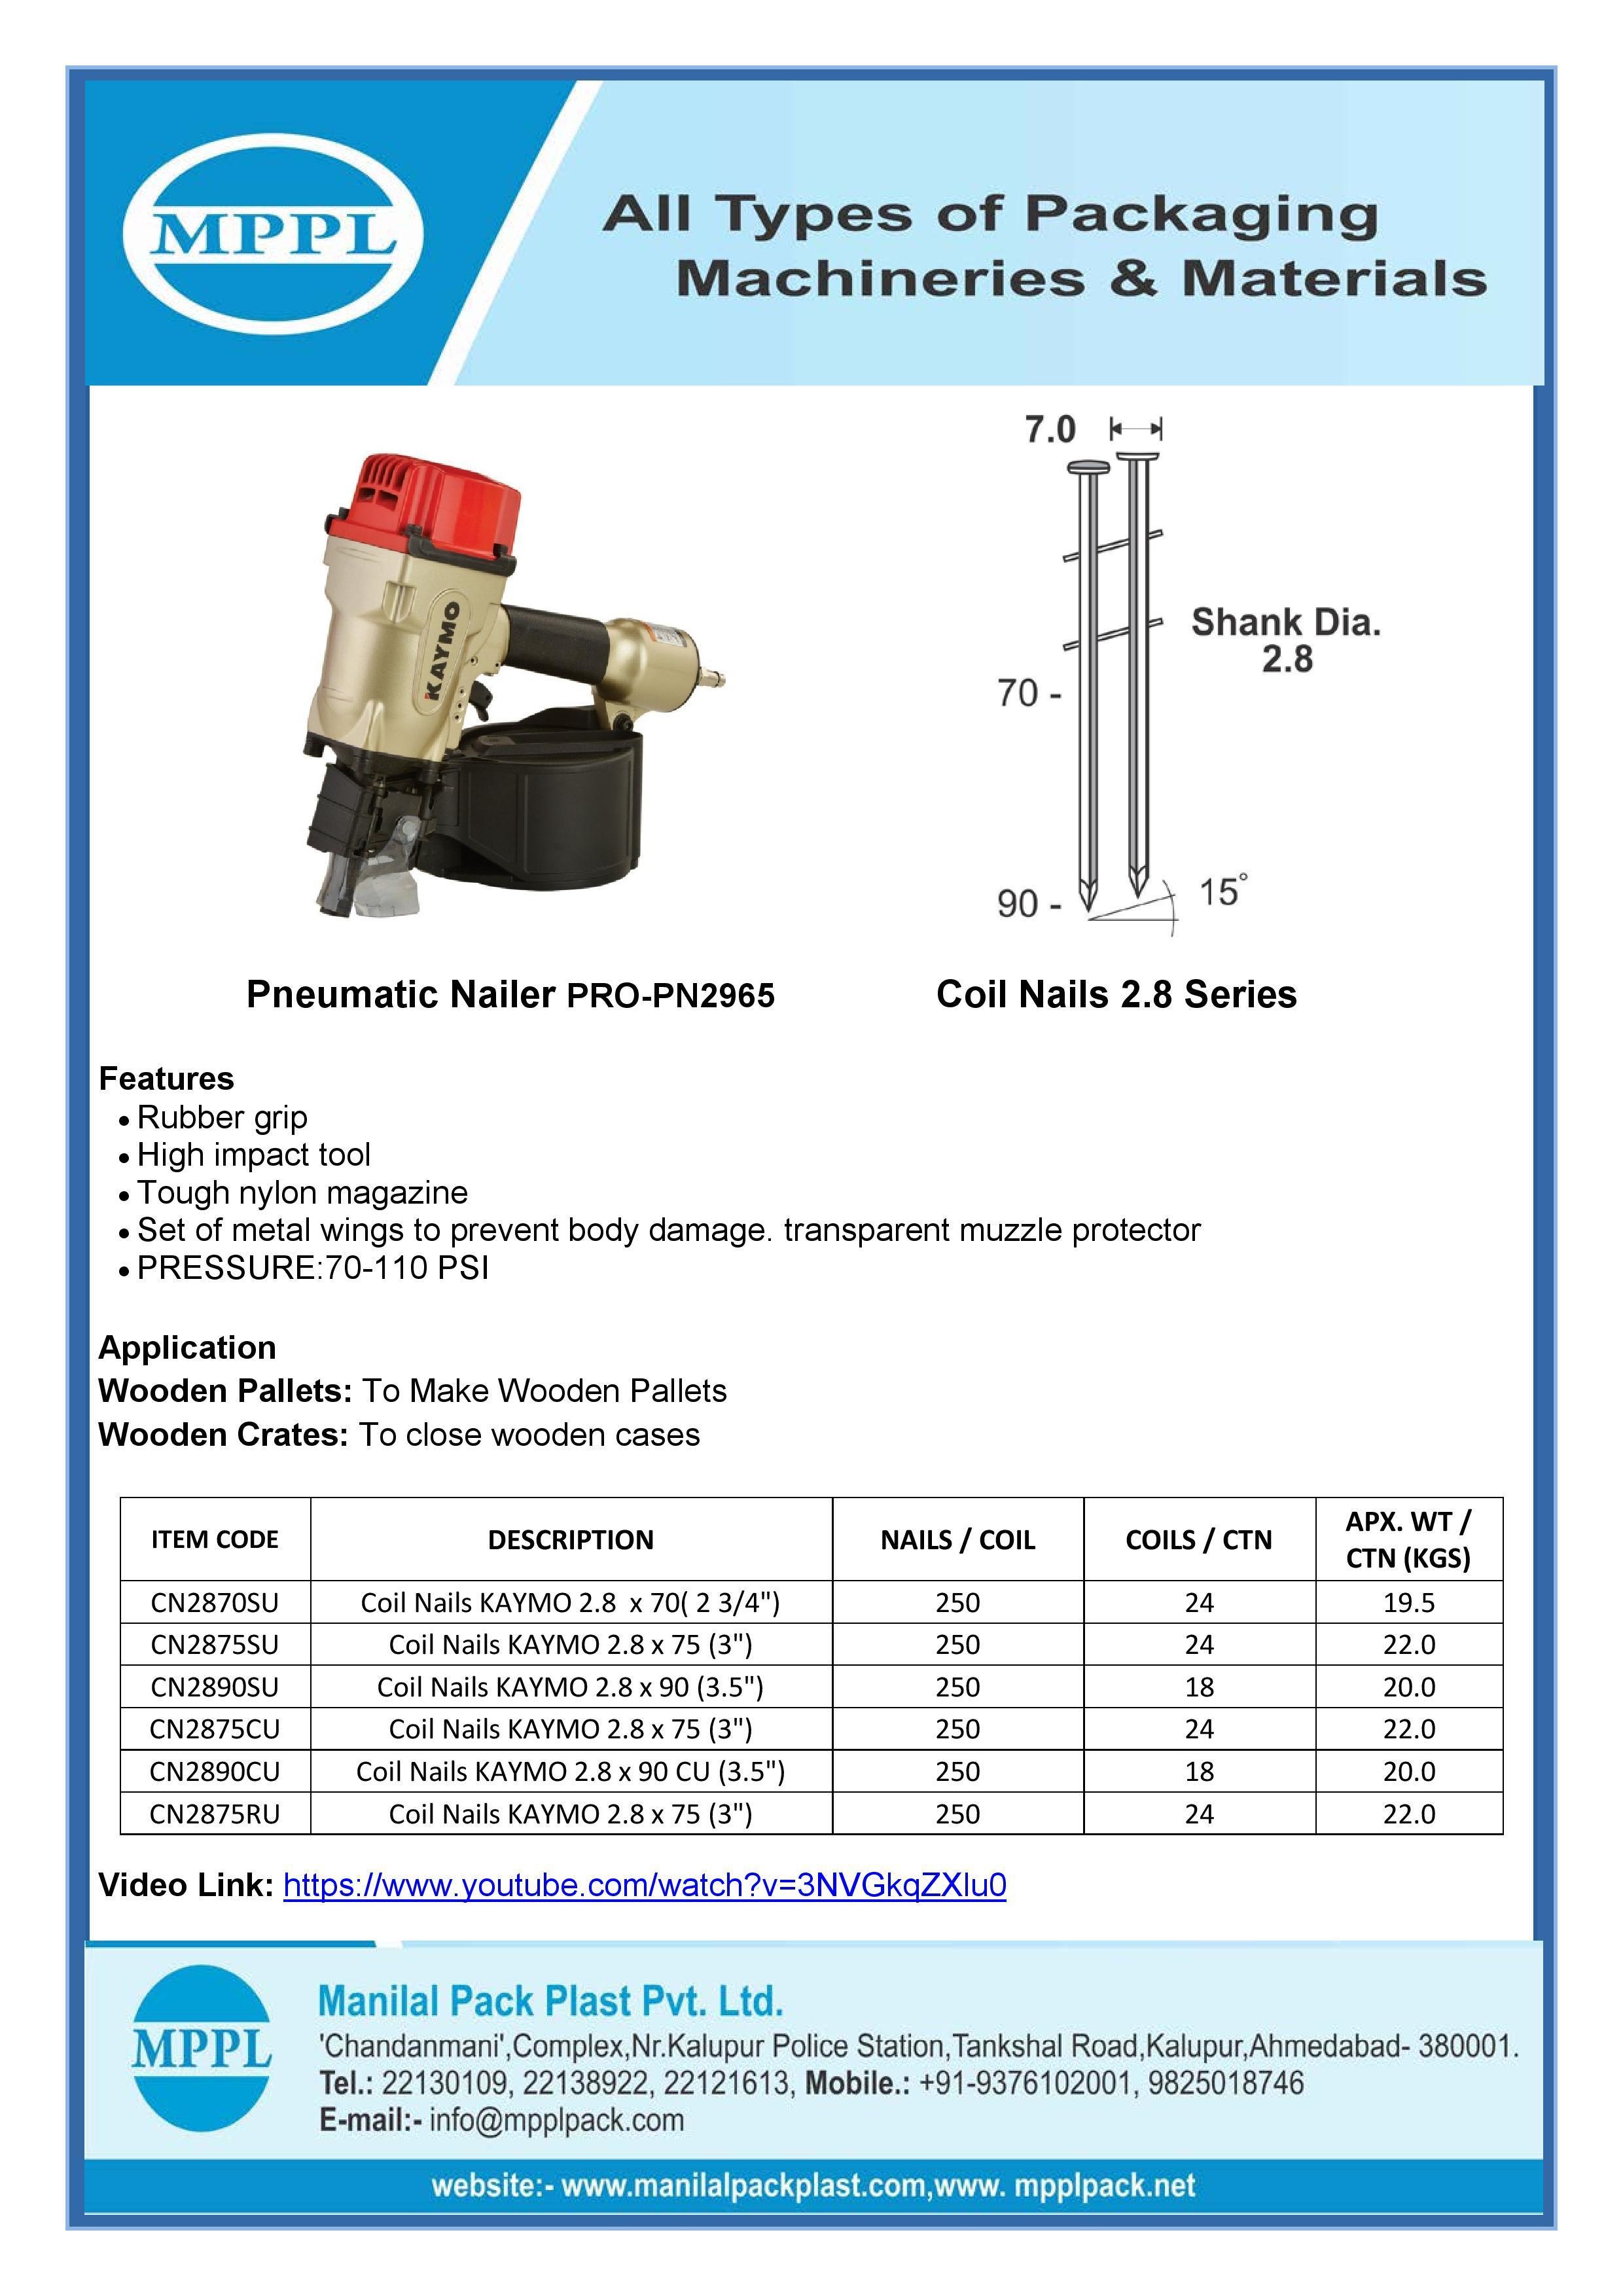 Pneumatic Nailer PRO-PN2965